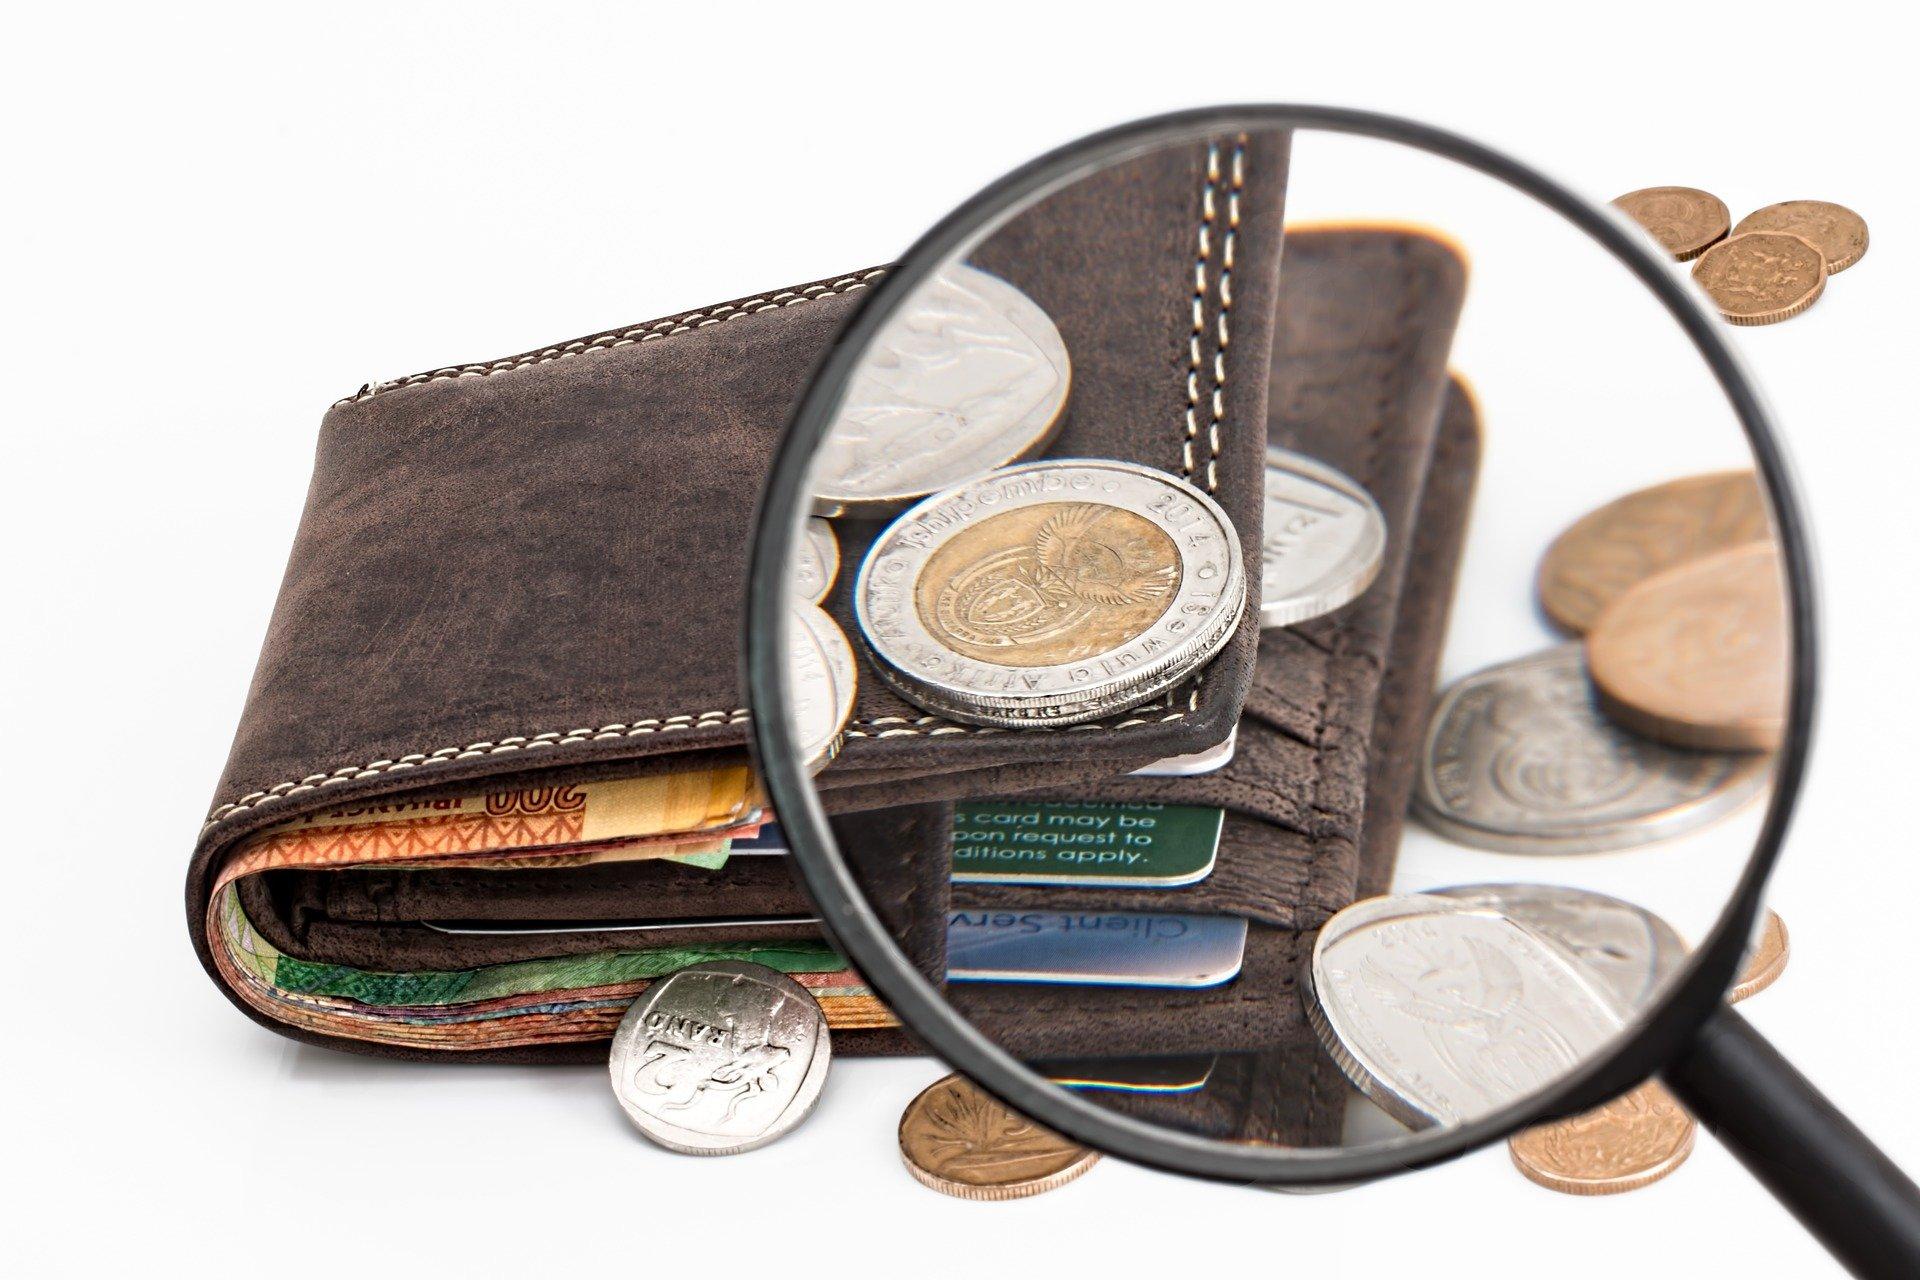 Imagem de uma carteira cheia de dinheiro e uma pula mostrando as moedas. Imagem ilustrativa texto royalties de franquias.